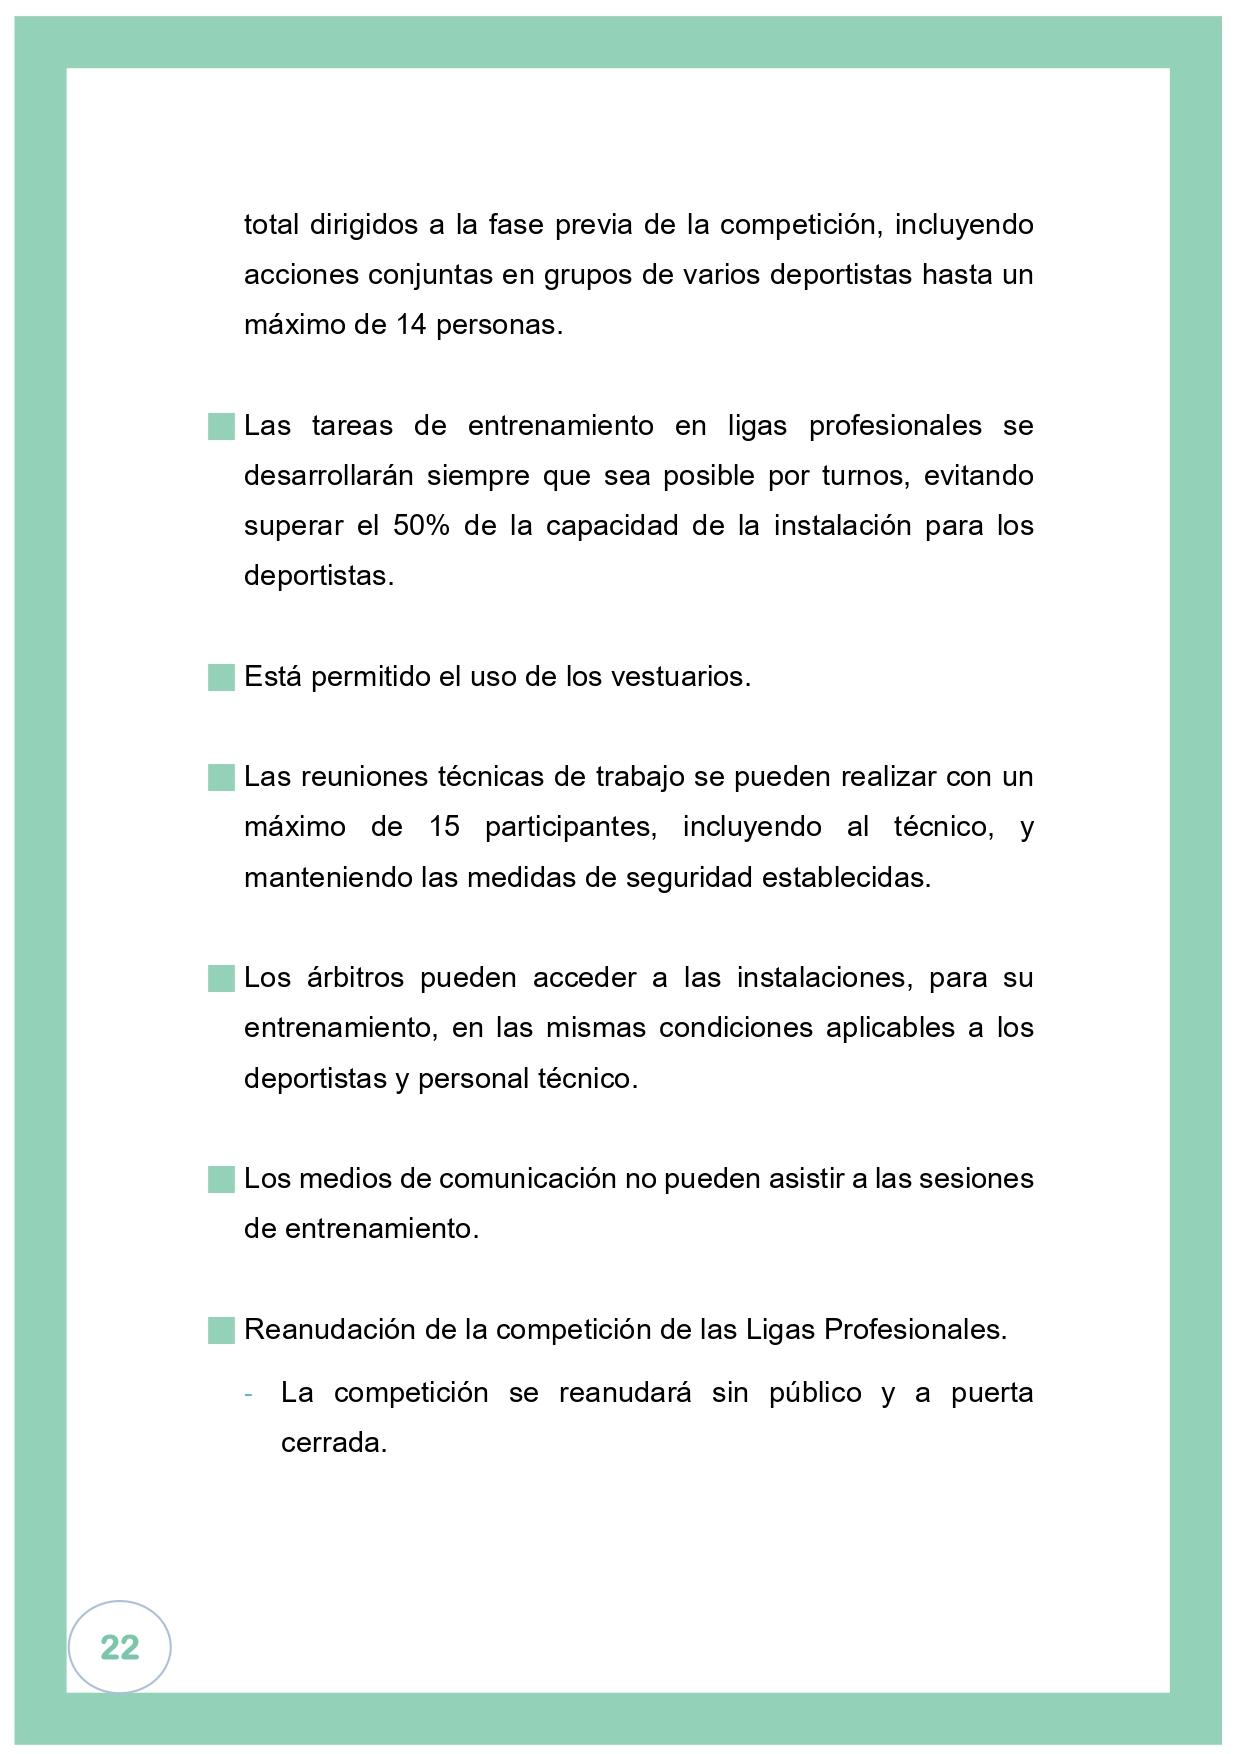 El gobierno oficializa que el Bierzo y Laciana pasan a la fase 2 el lunes 1 de junio 25